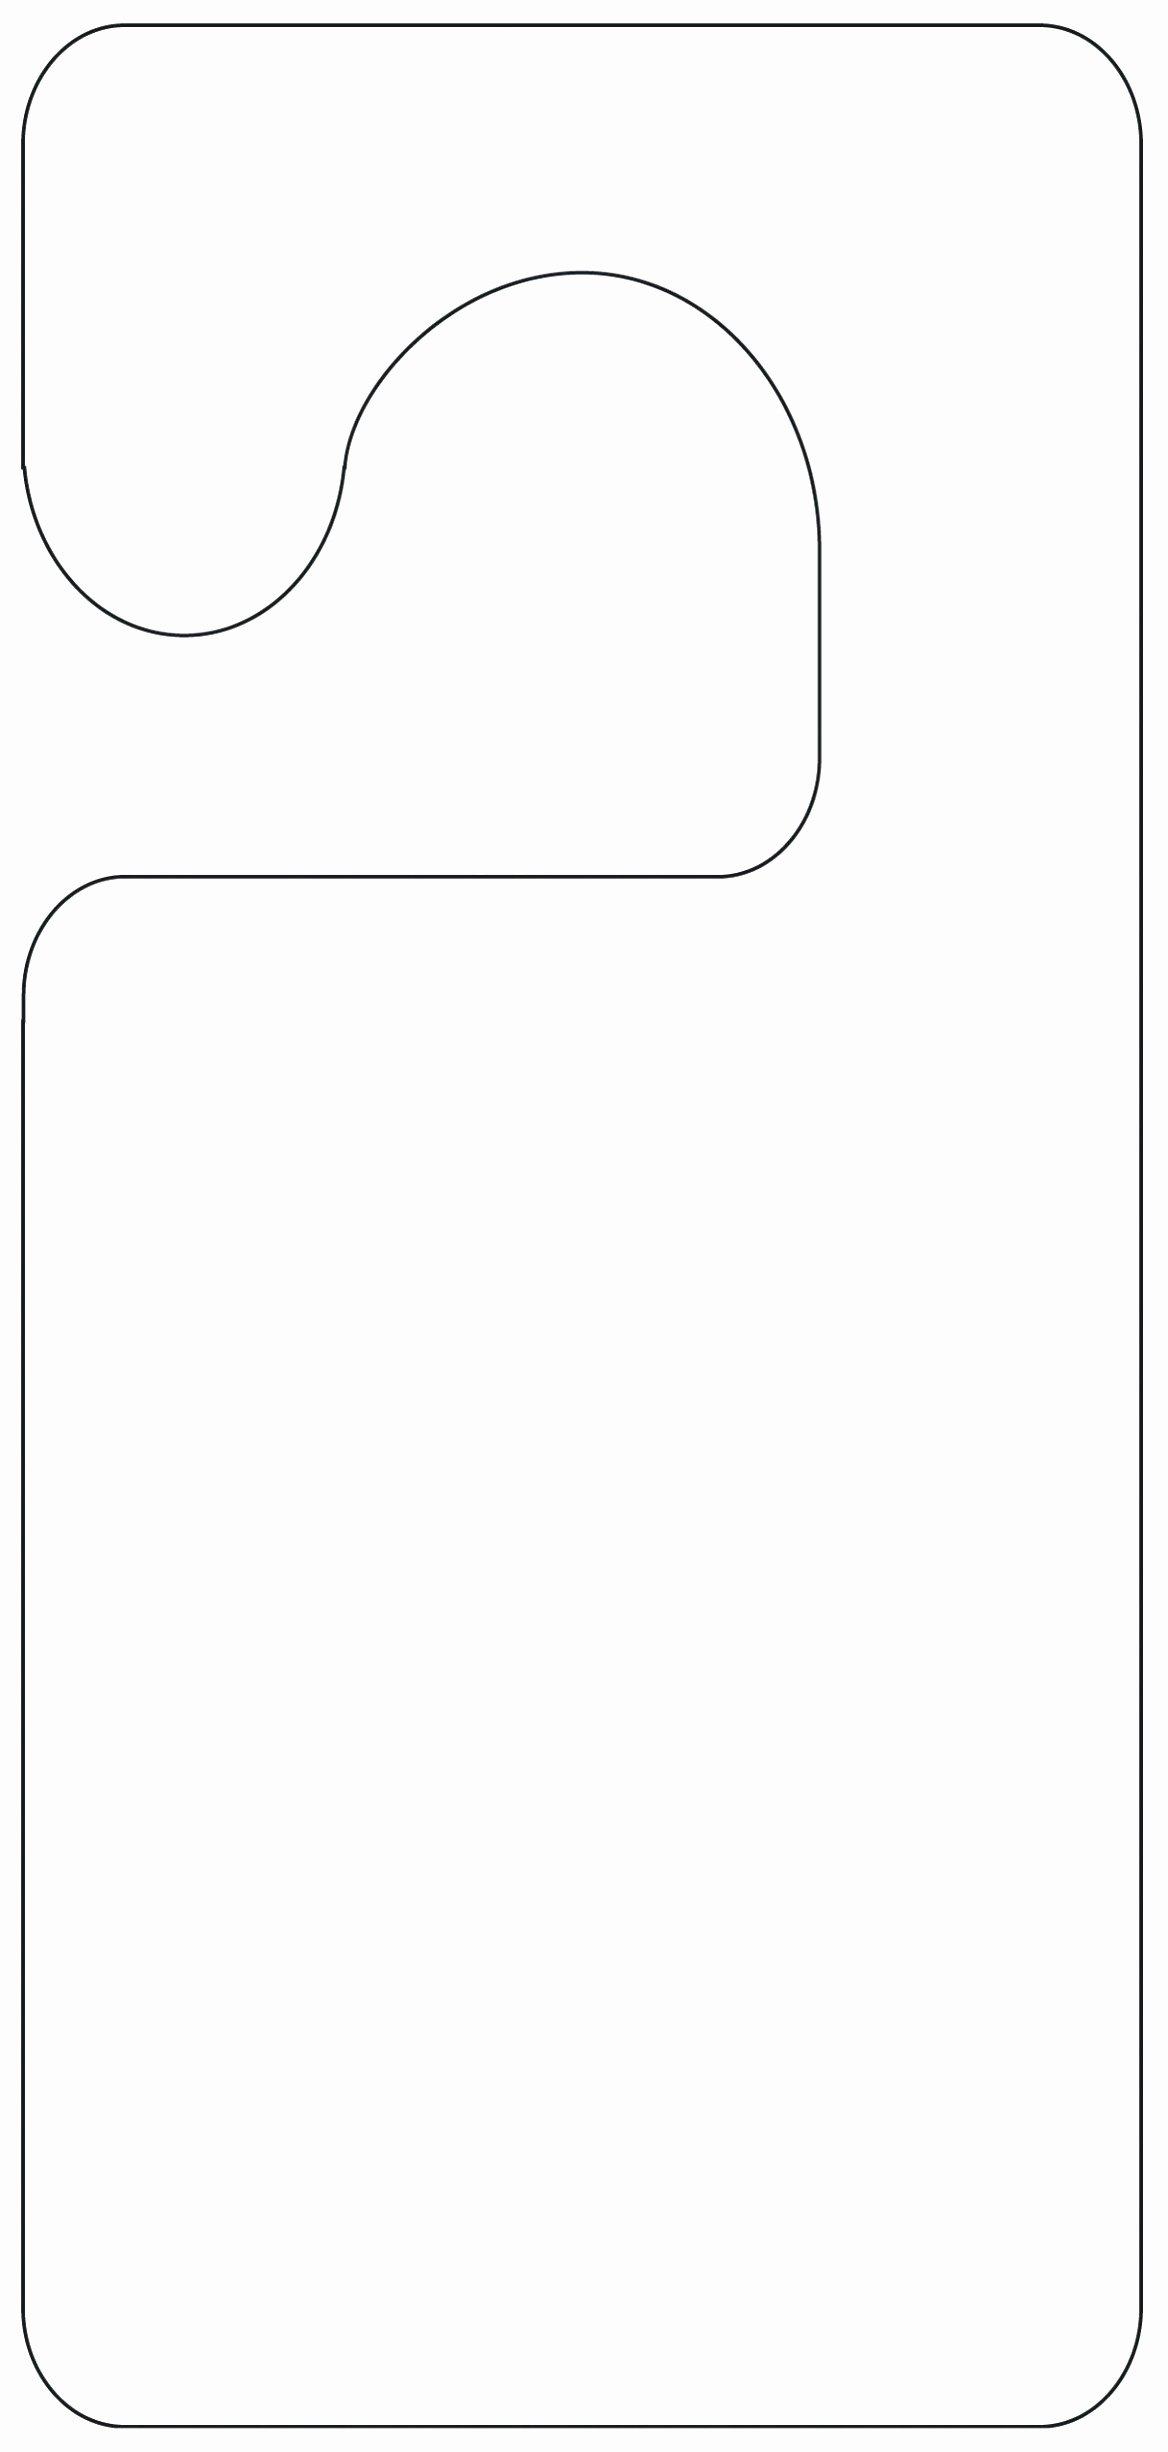 Door Hanger Template Word Best Of 5 Blank Door Hanger Template for Word Uawrc